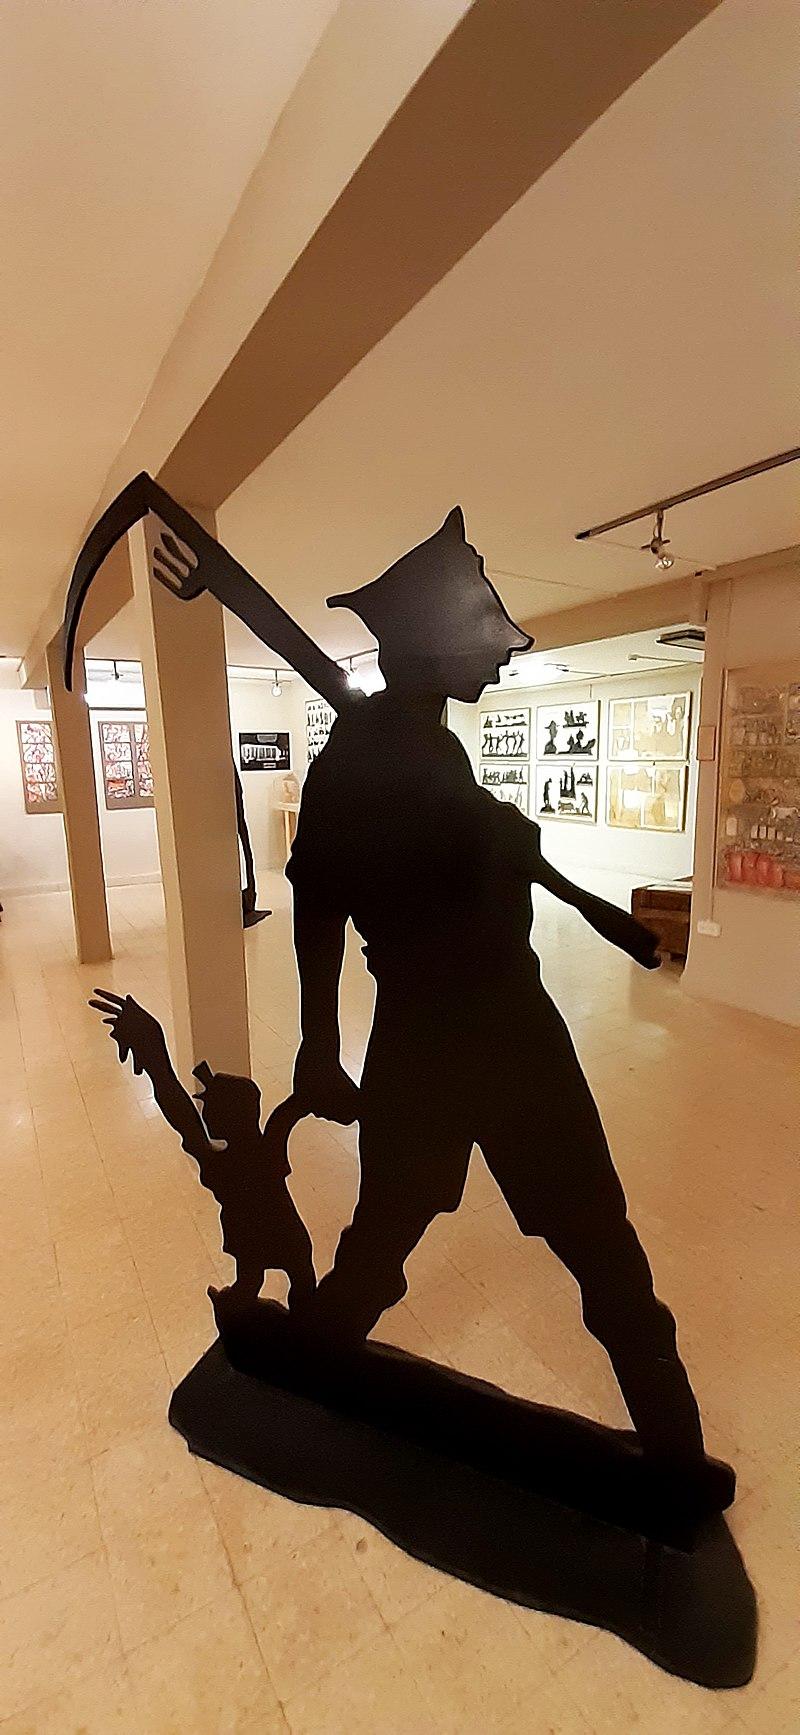 מוזיאון קיבוץ מזרע